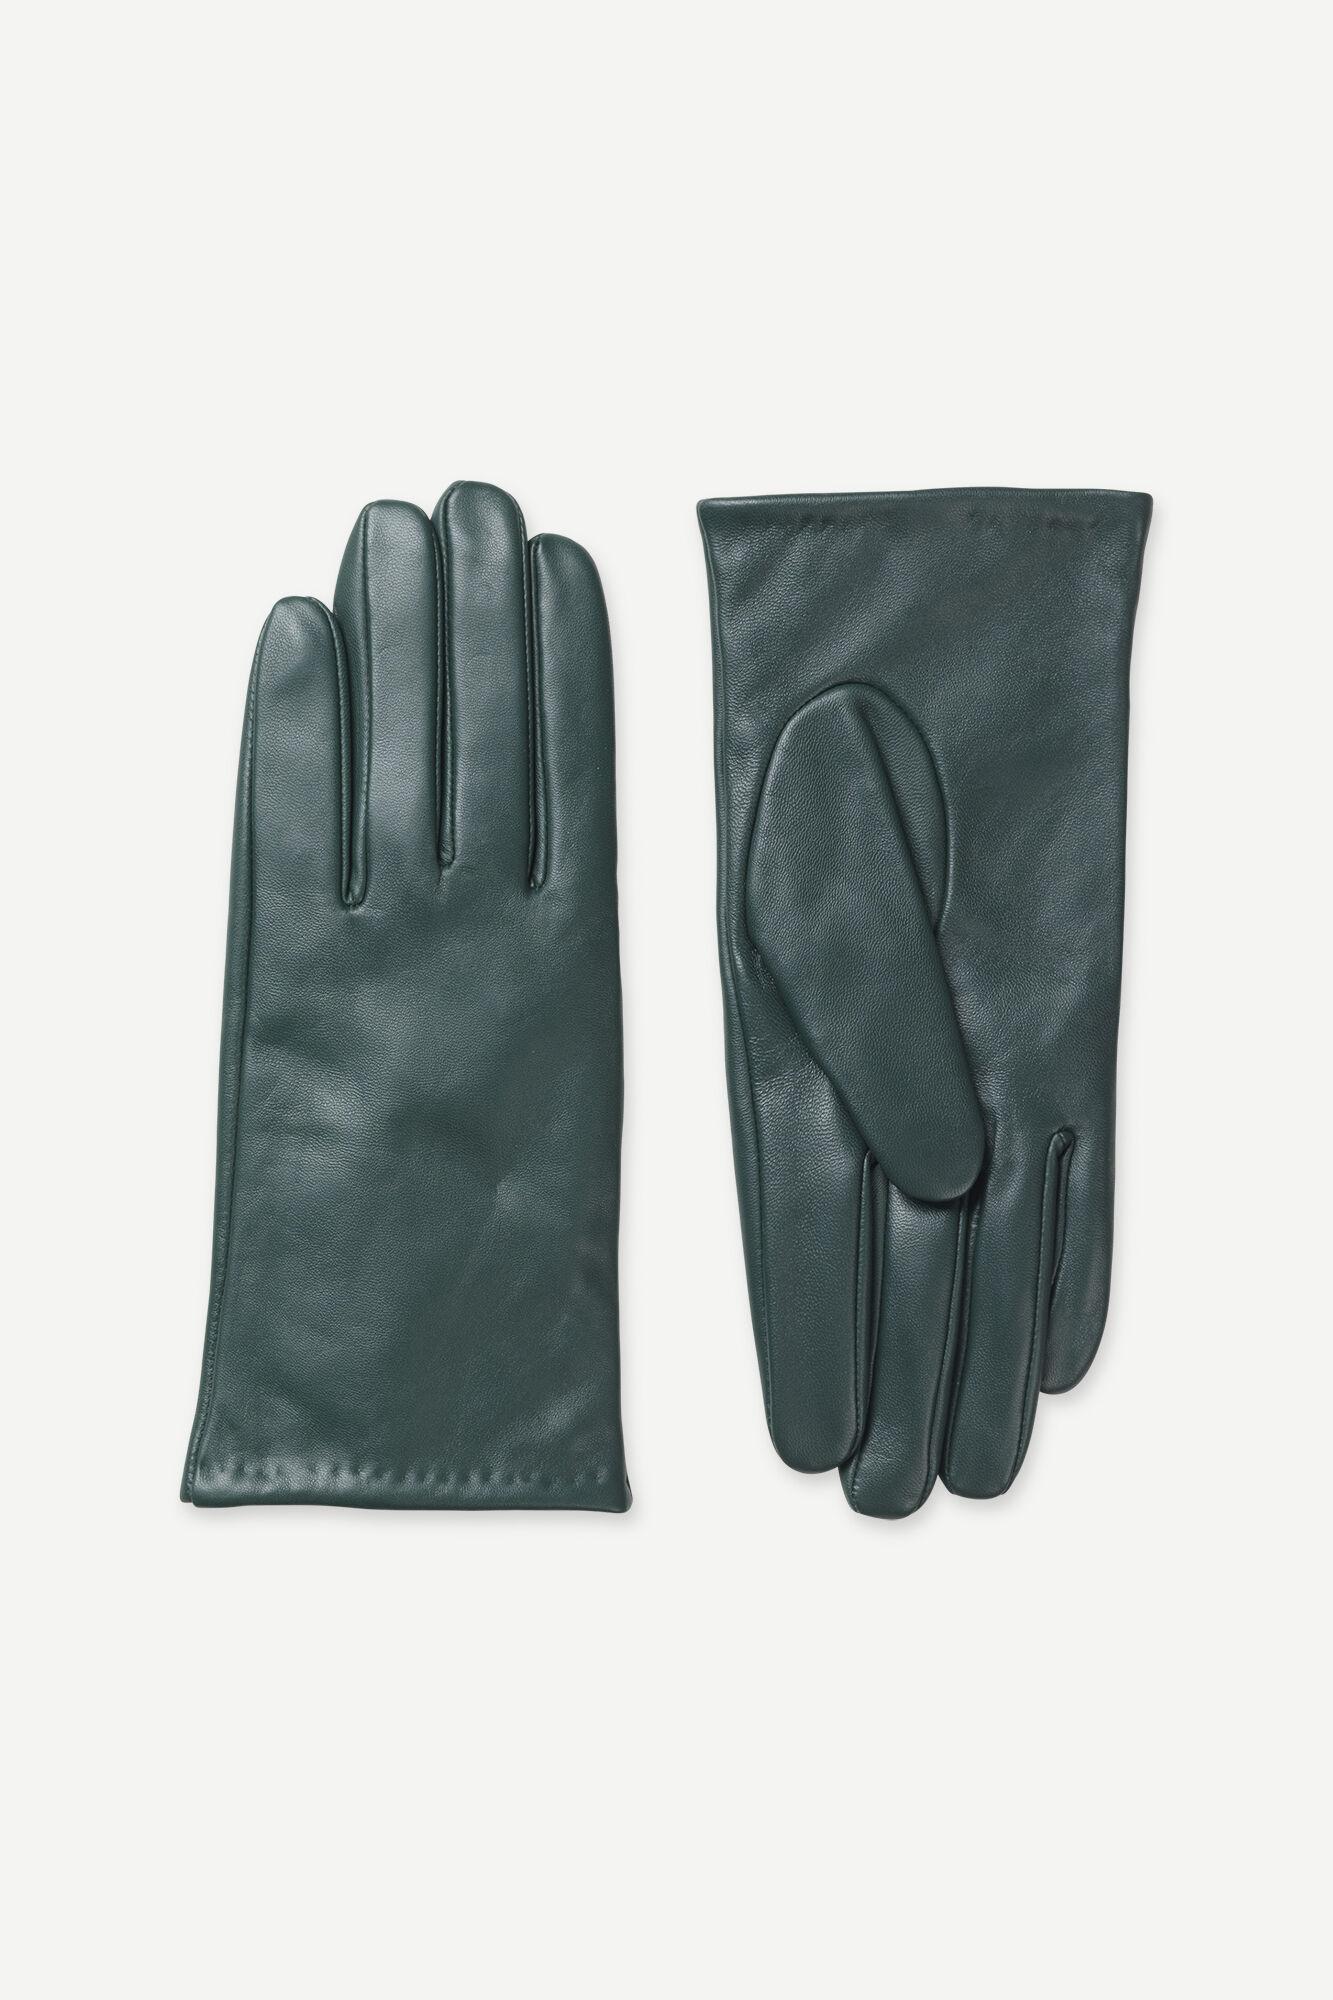 Polette glove 8168